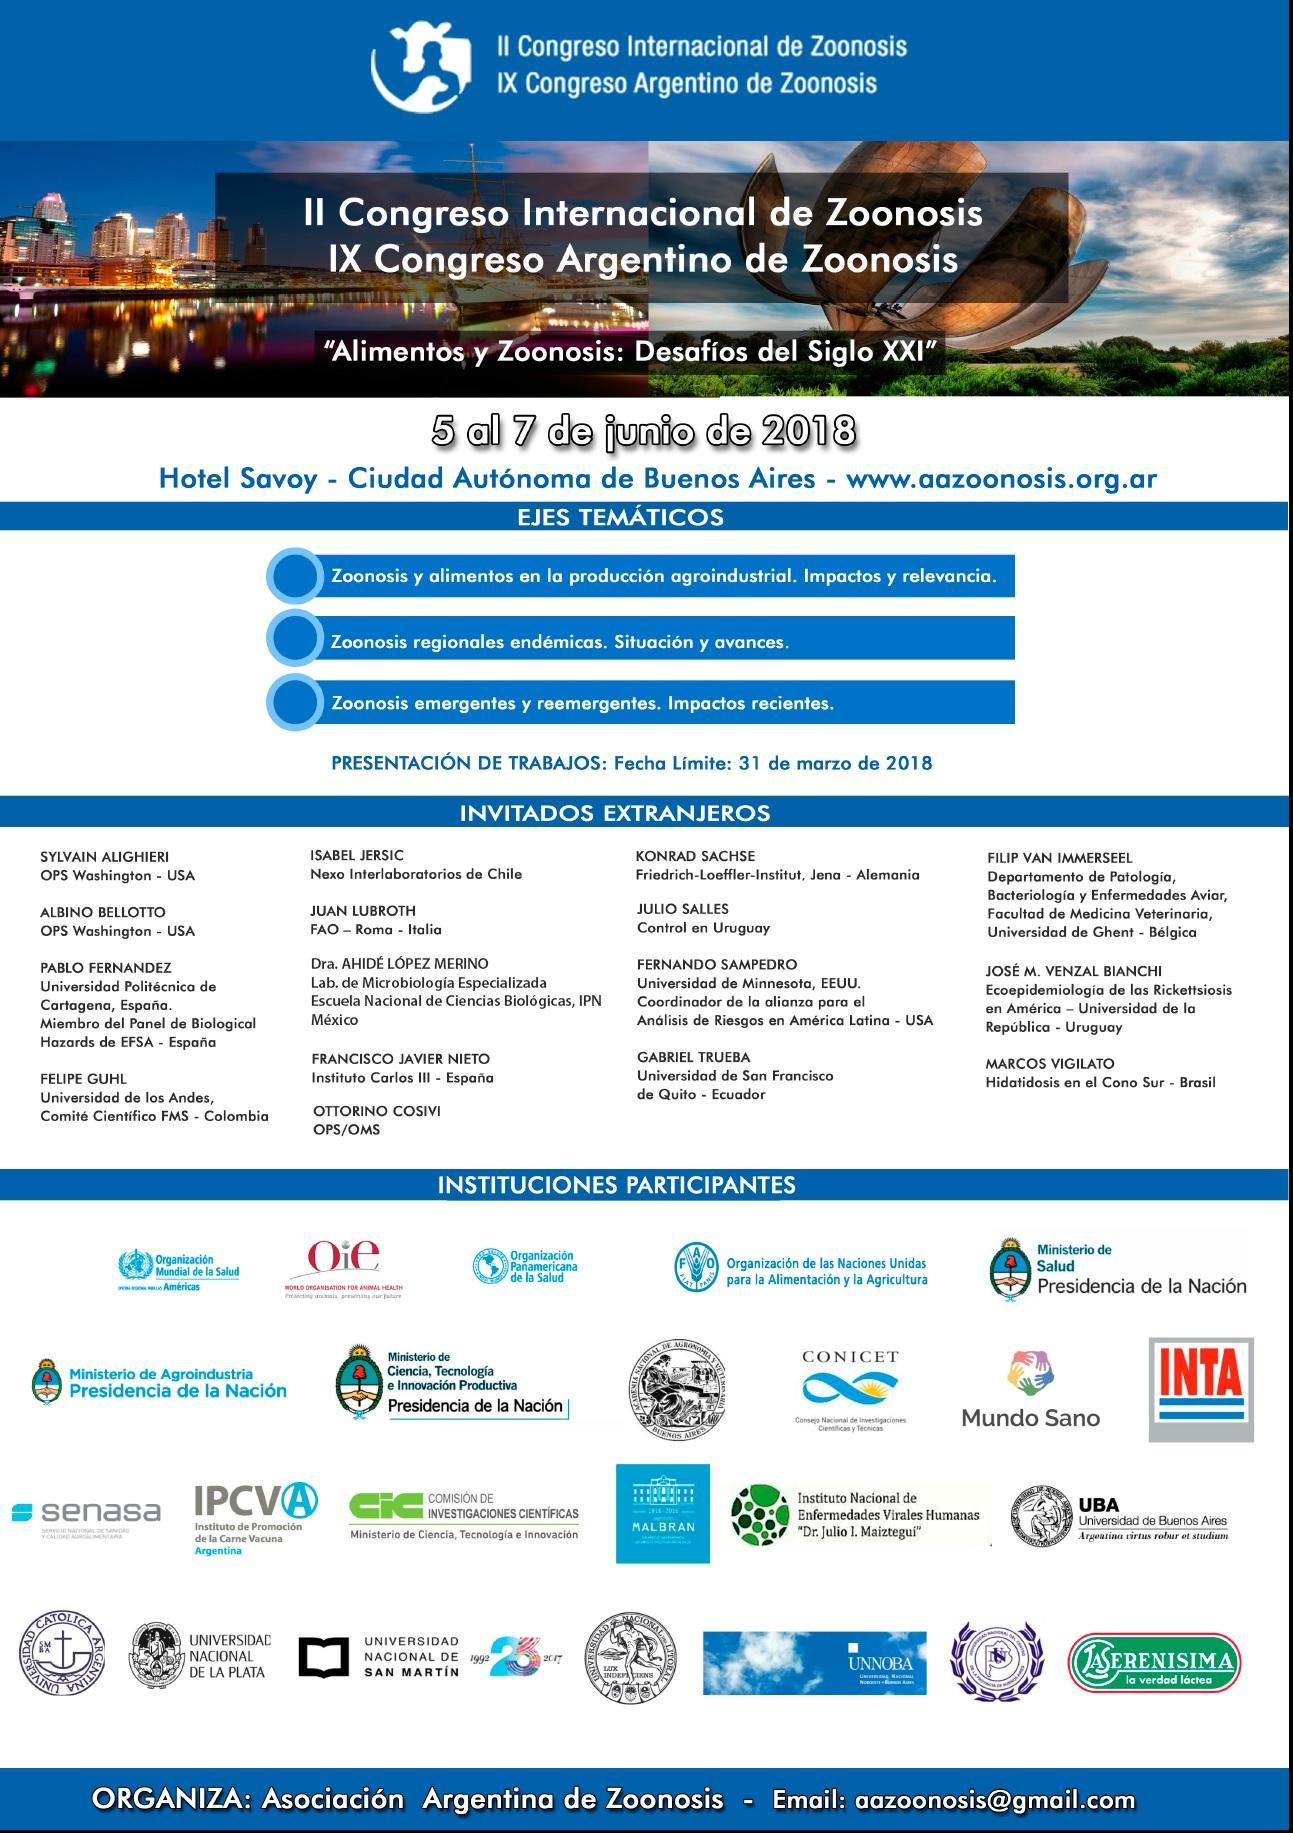 II Congreso Internacional de Zoonosis – 5 al 7 de Junio de 2018 – Hotel Savoy